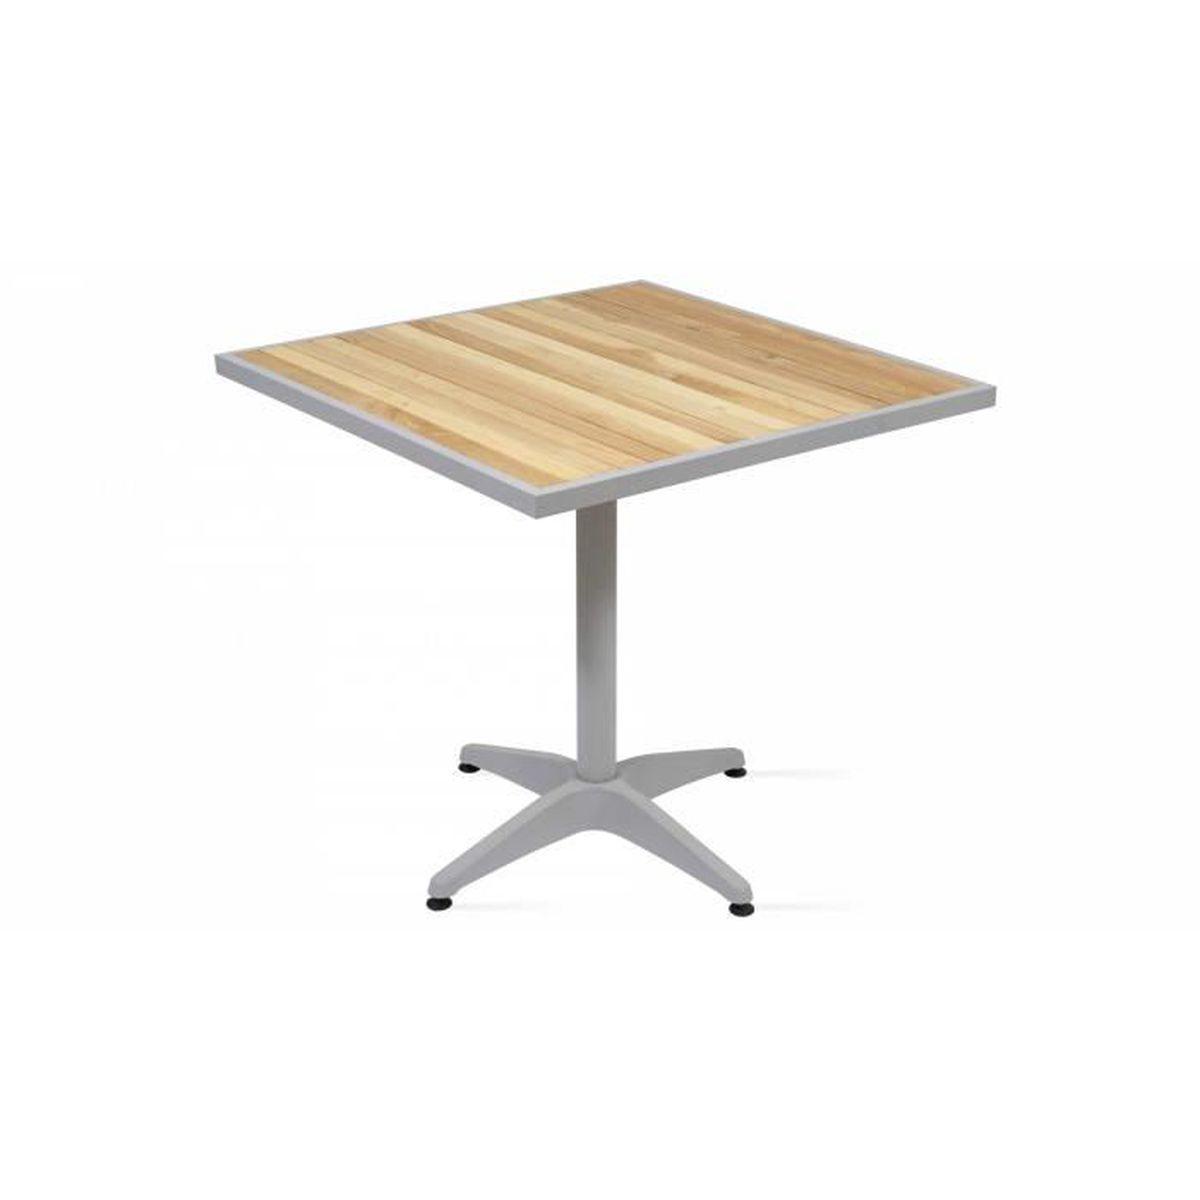 Table de jardin carrée bois et aluminium - Achat / Vente ...